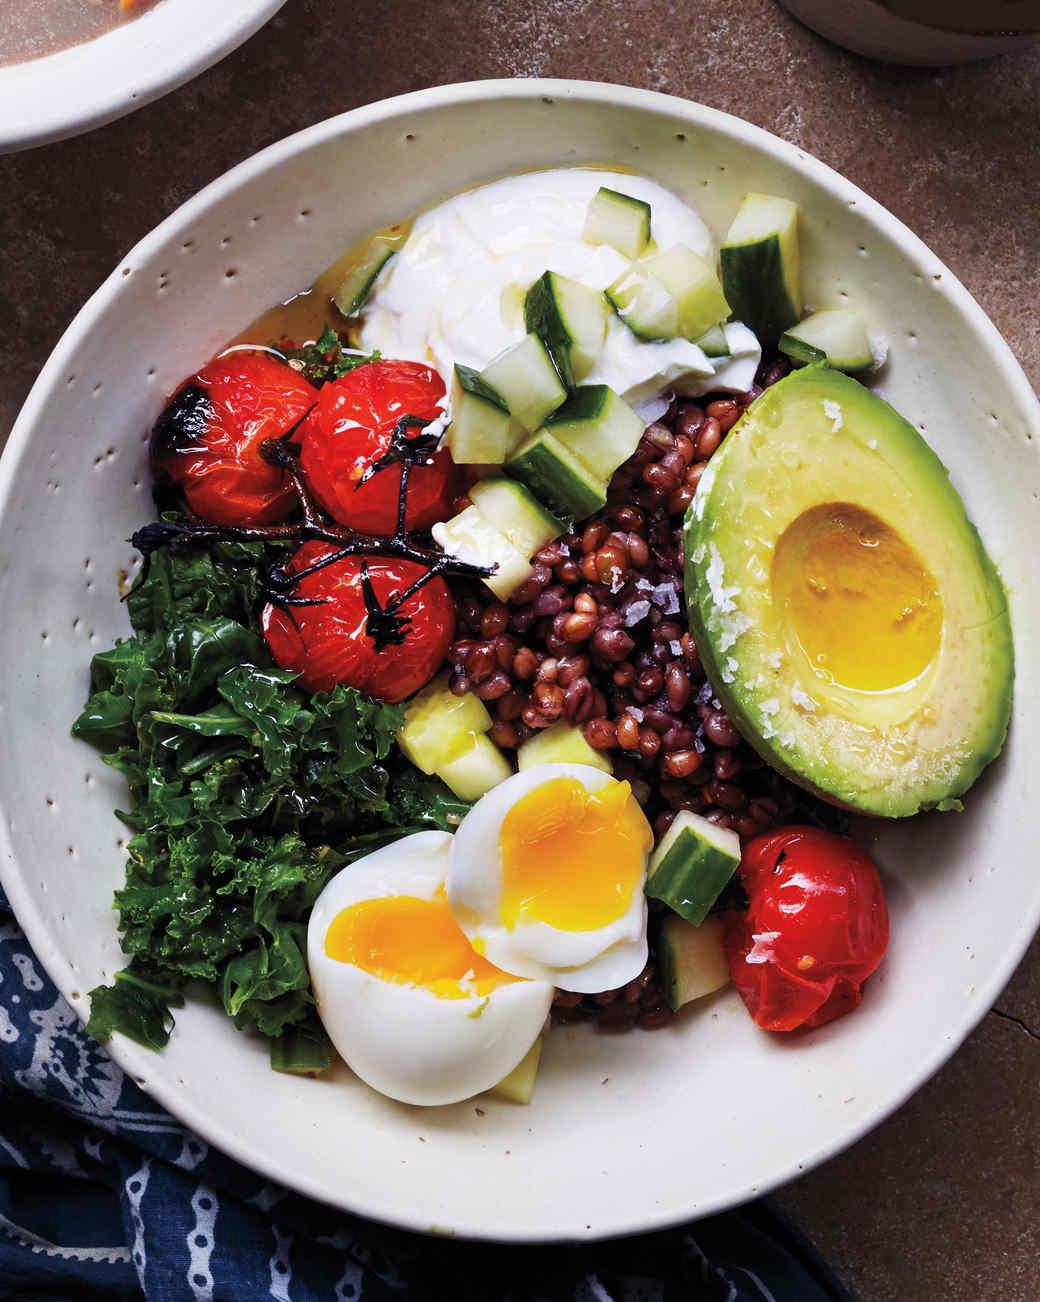 https://i2.wp.com/assets.marthastewart.com/styles/wmax-520-highdpi/d52/savory-hayden-flour-mills-breakfast-bowl-971-d112232/savory-hayden-flour-mills-breakfast-bowl-971-d112232_vert.jpg